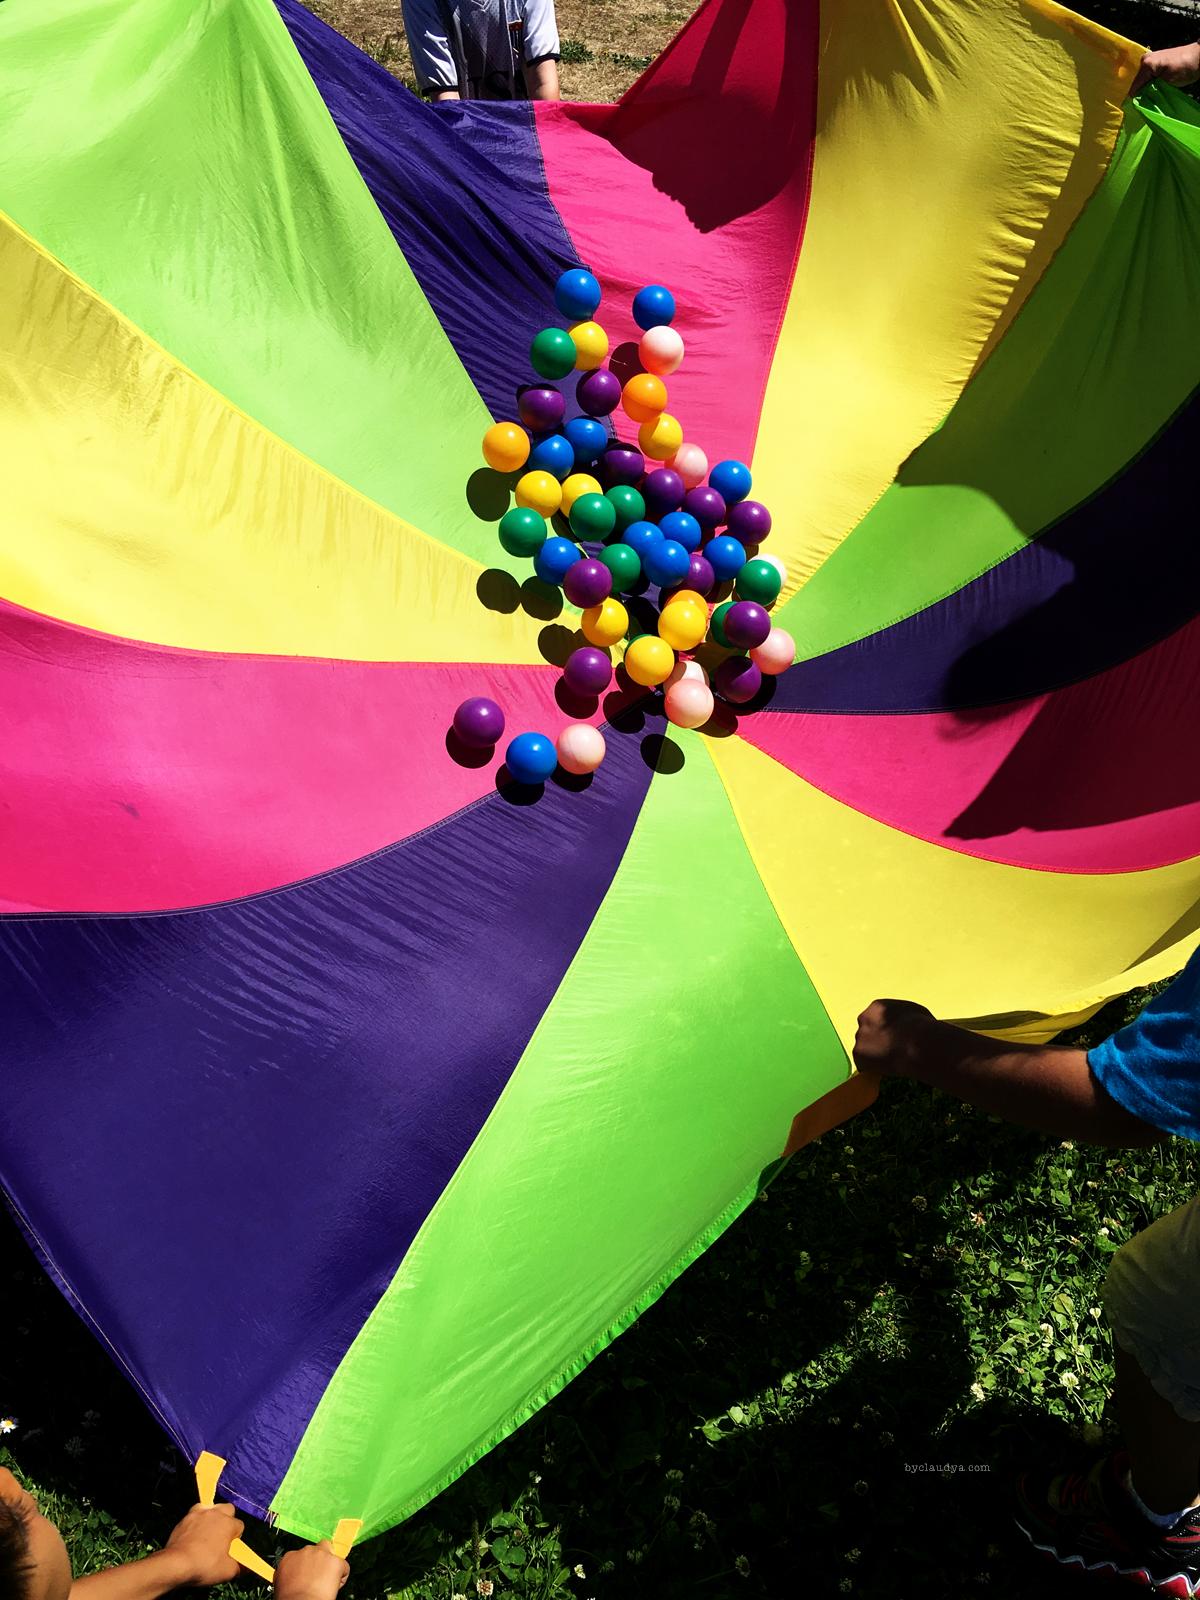 Parachute and balls